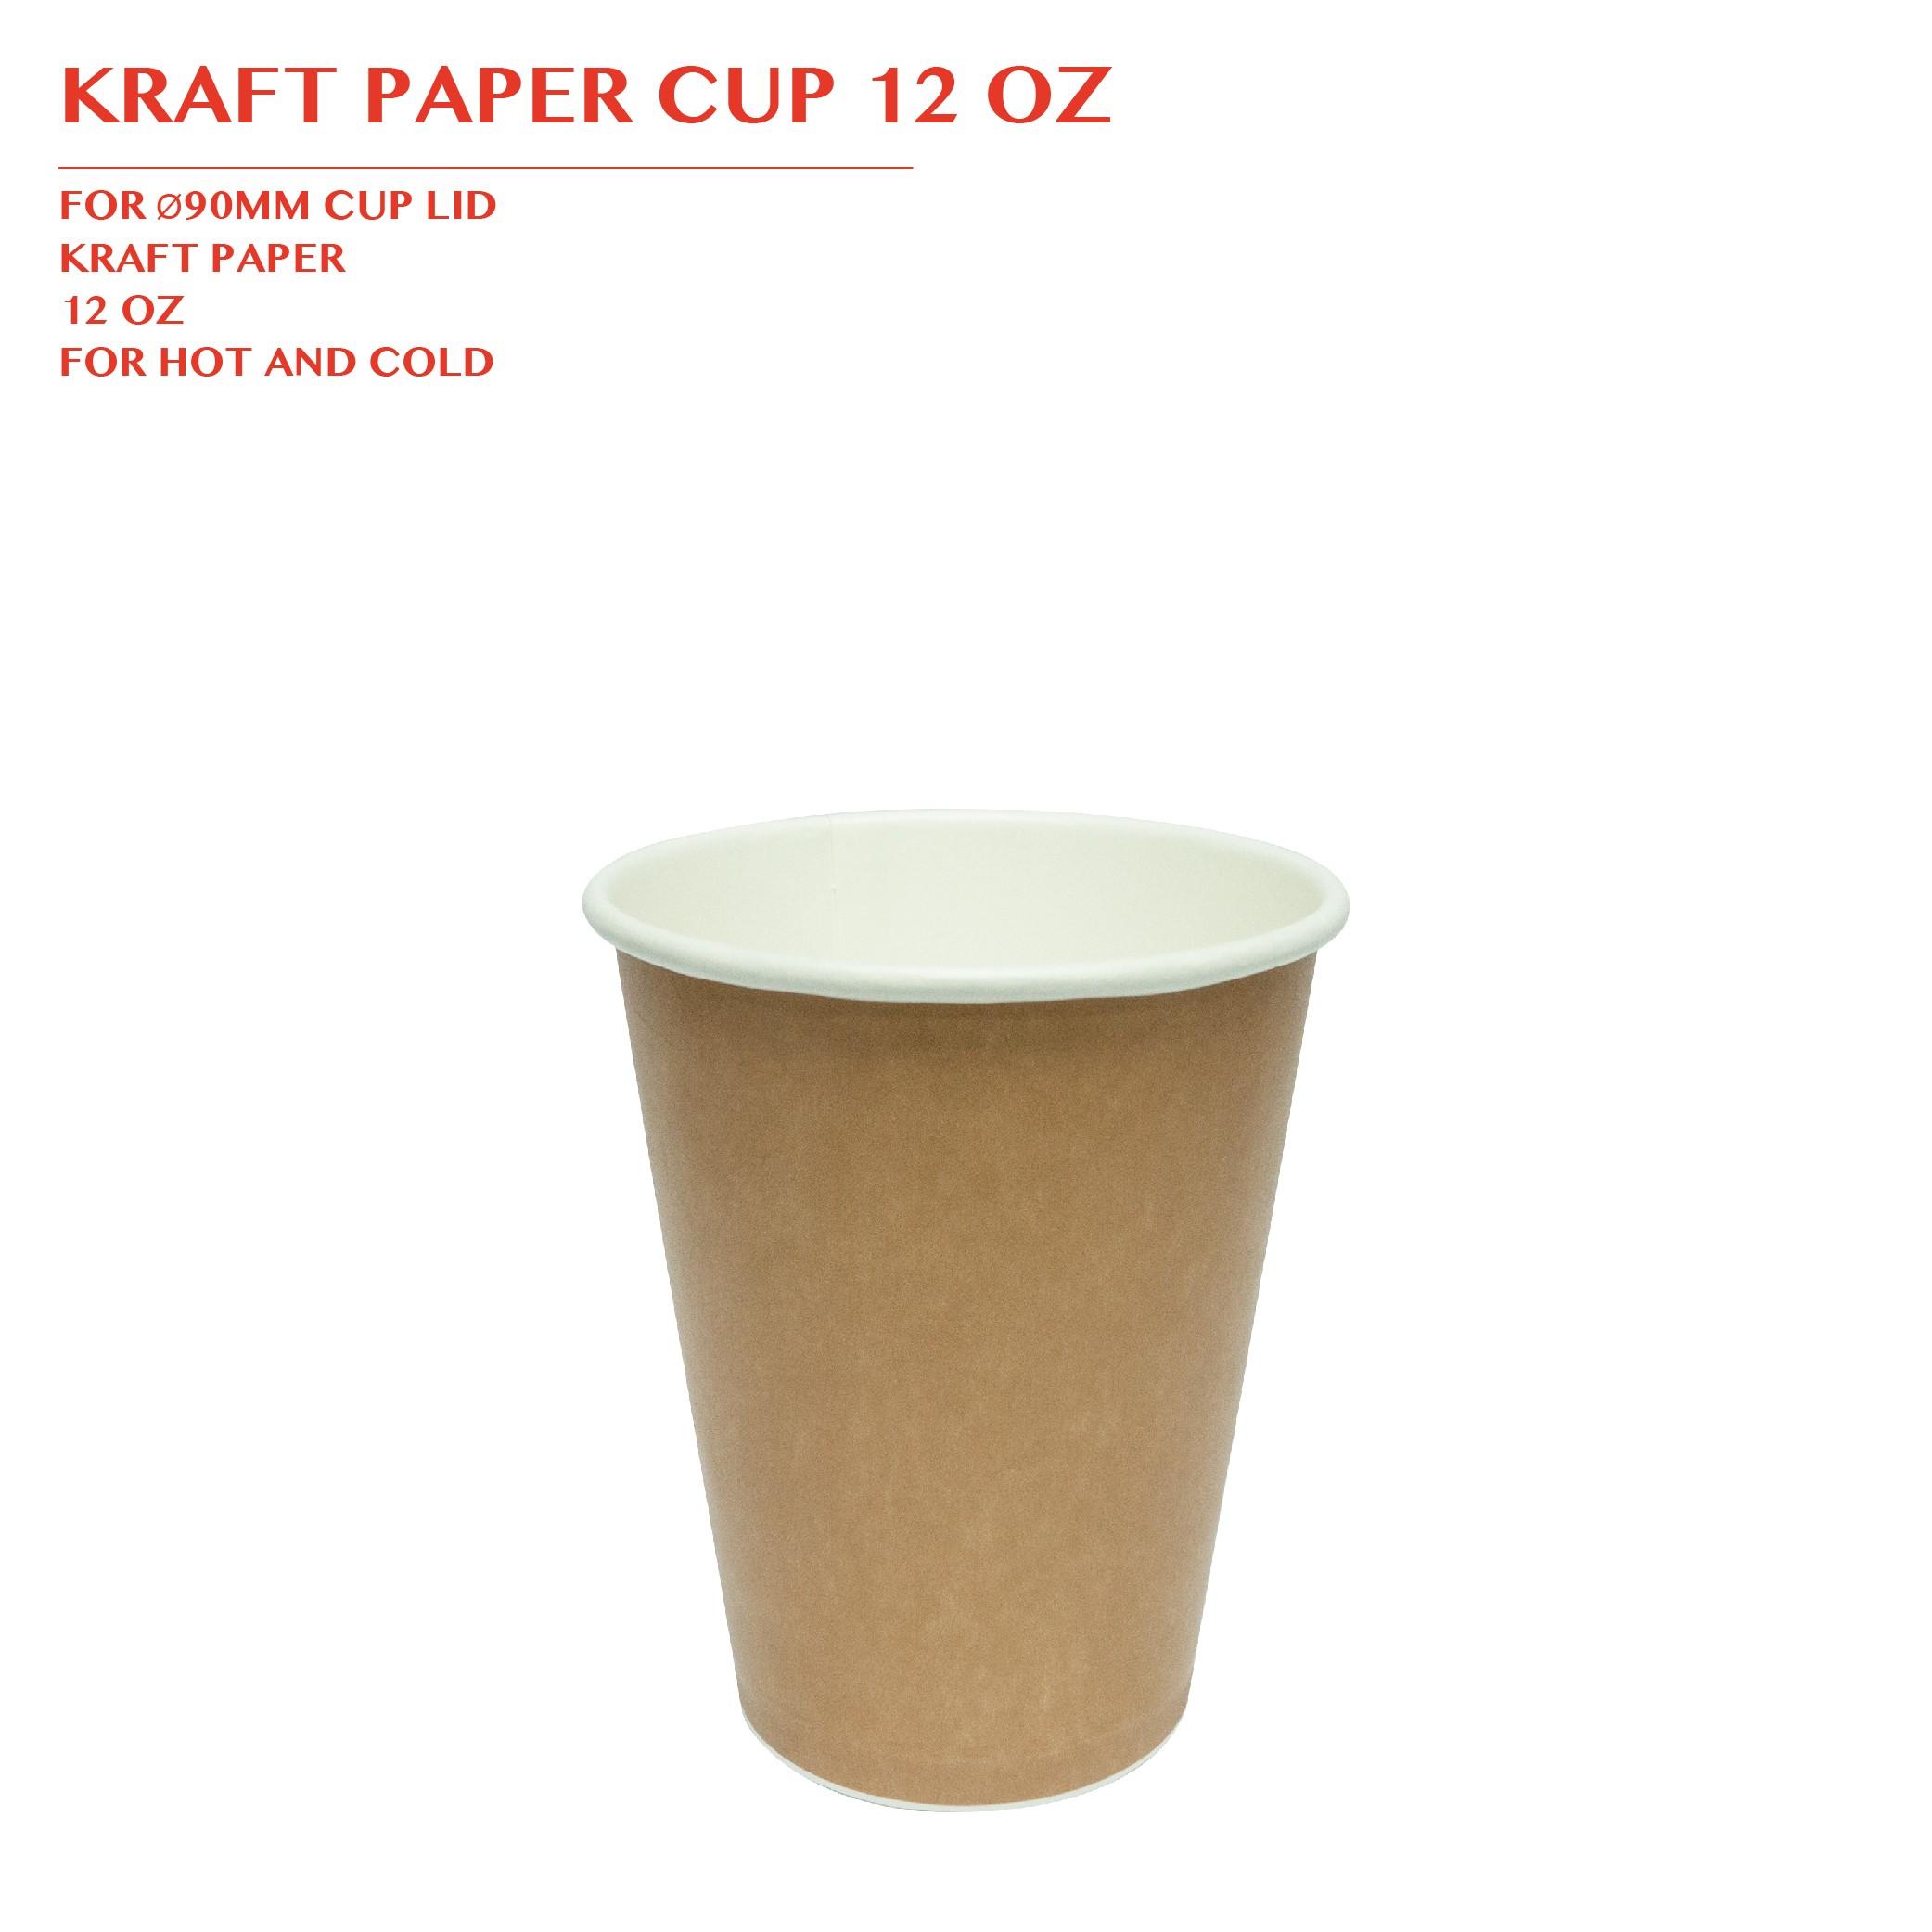 PRE-ORDER KRAFT PAPER CUP 12 OZ 1000PCS/CTN